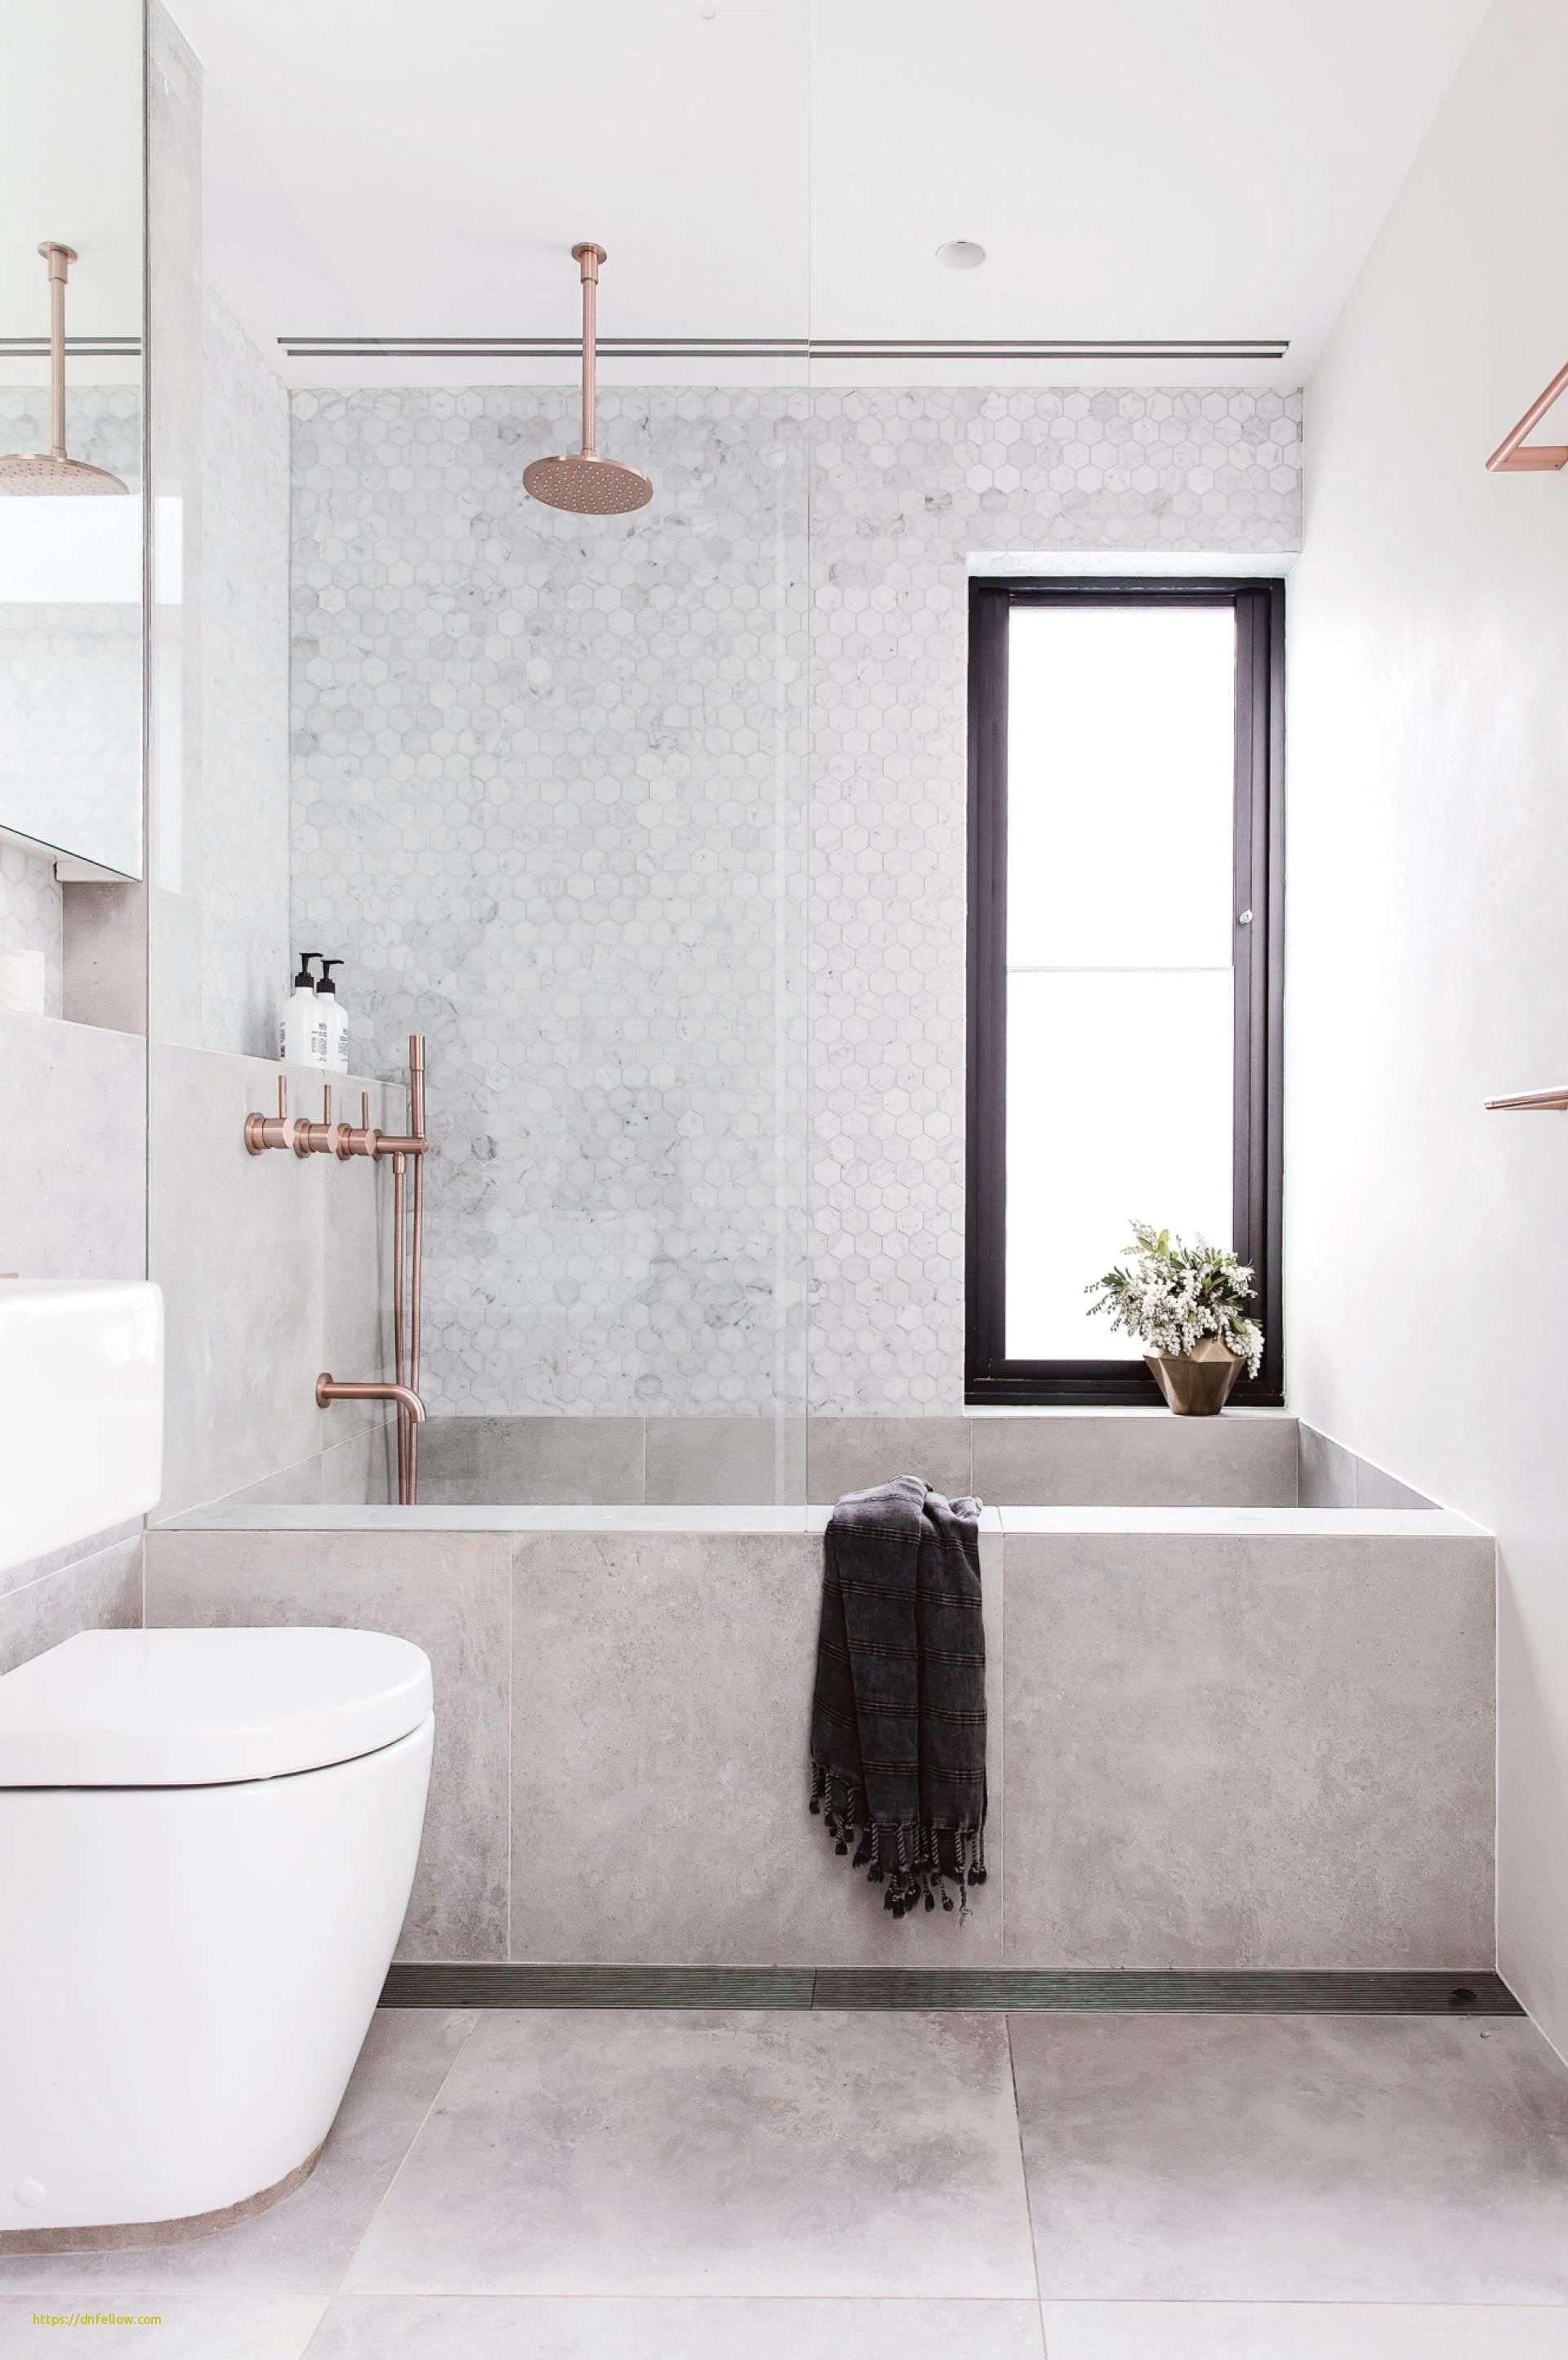 Best Of Bathroom Design Quad Cities Best Of Bathroom Design Quad ...